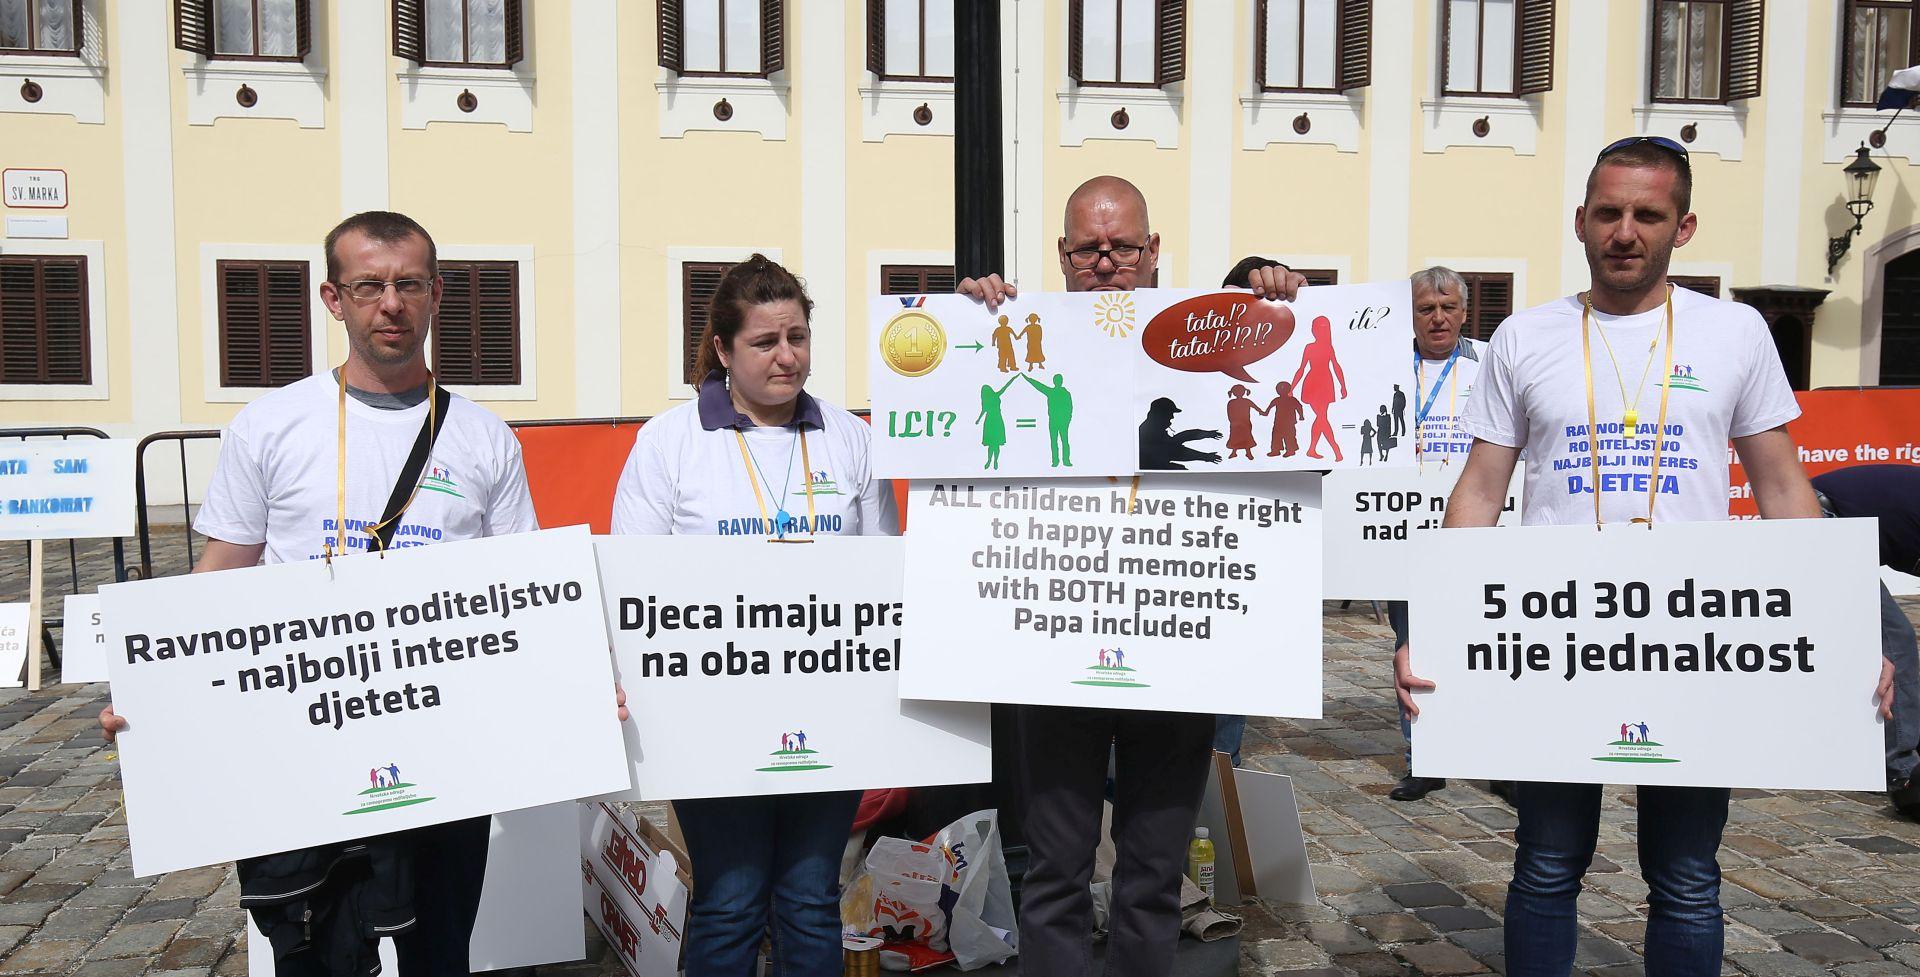 Prosvjed očeva kojima su uskraćena roditeljska prava